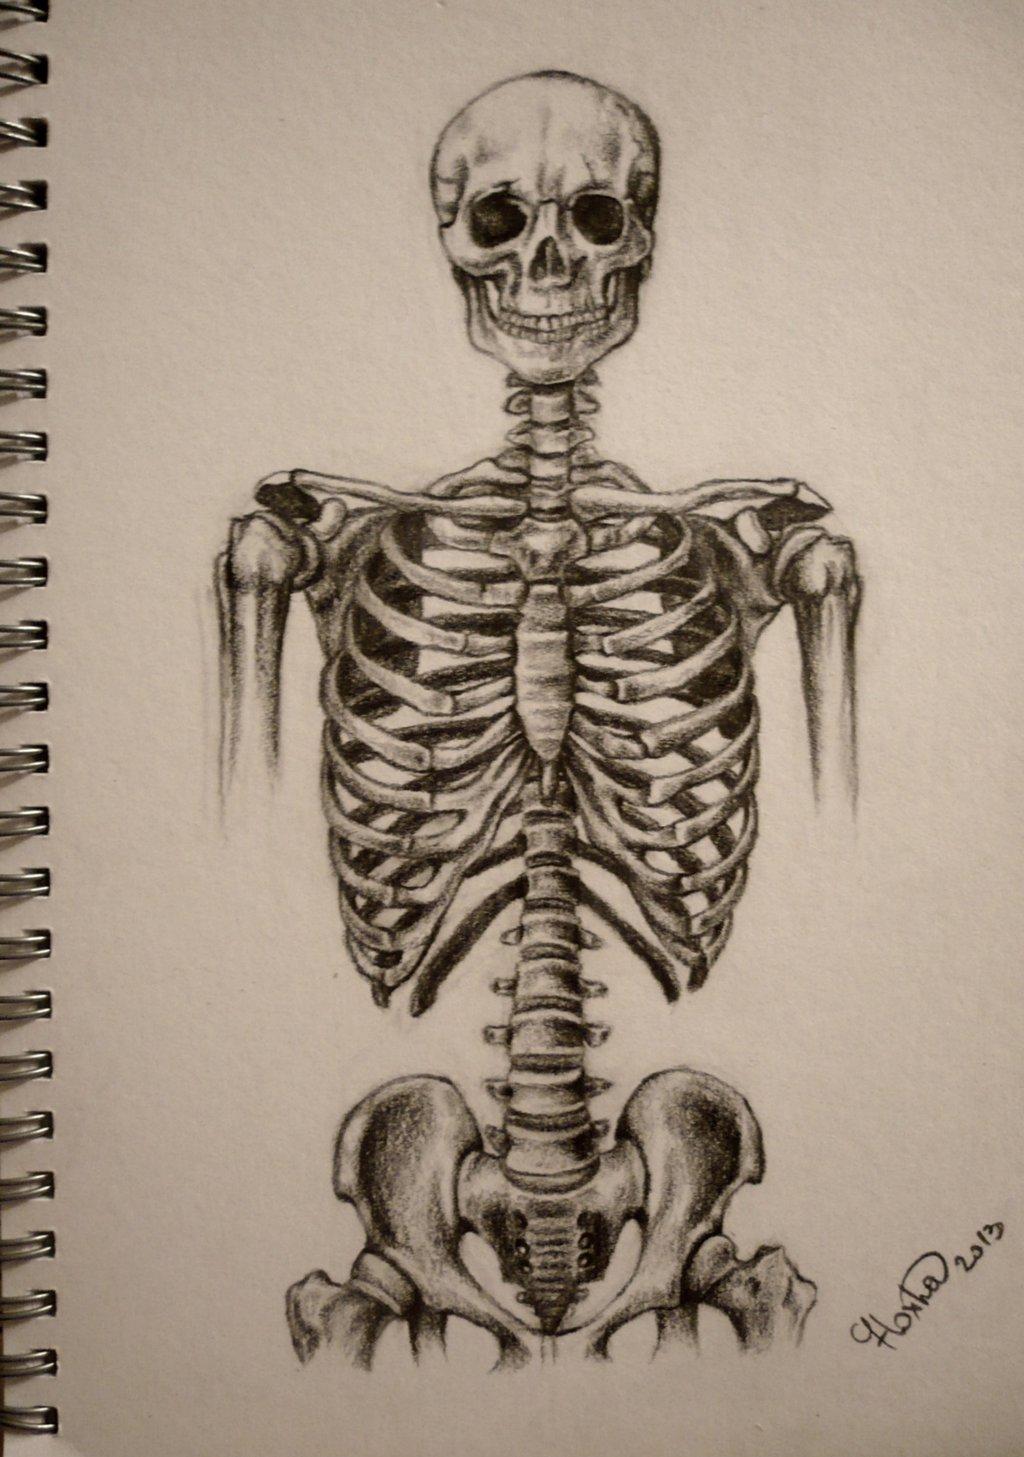 Drawn sleleton artistic Torso Skeleton of work Day